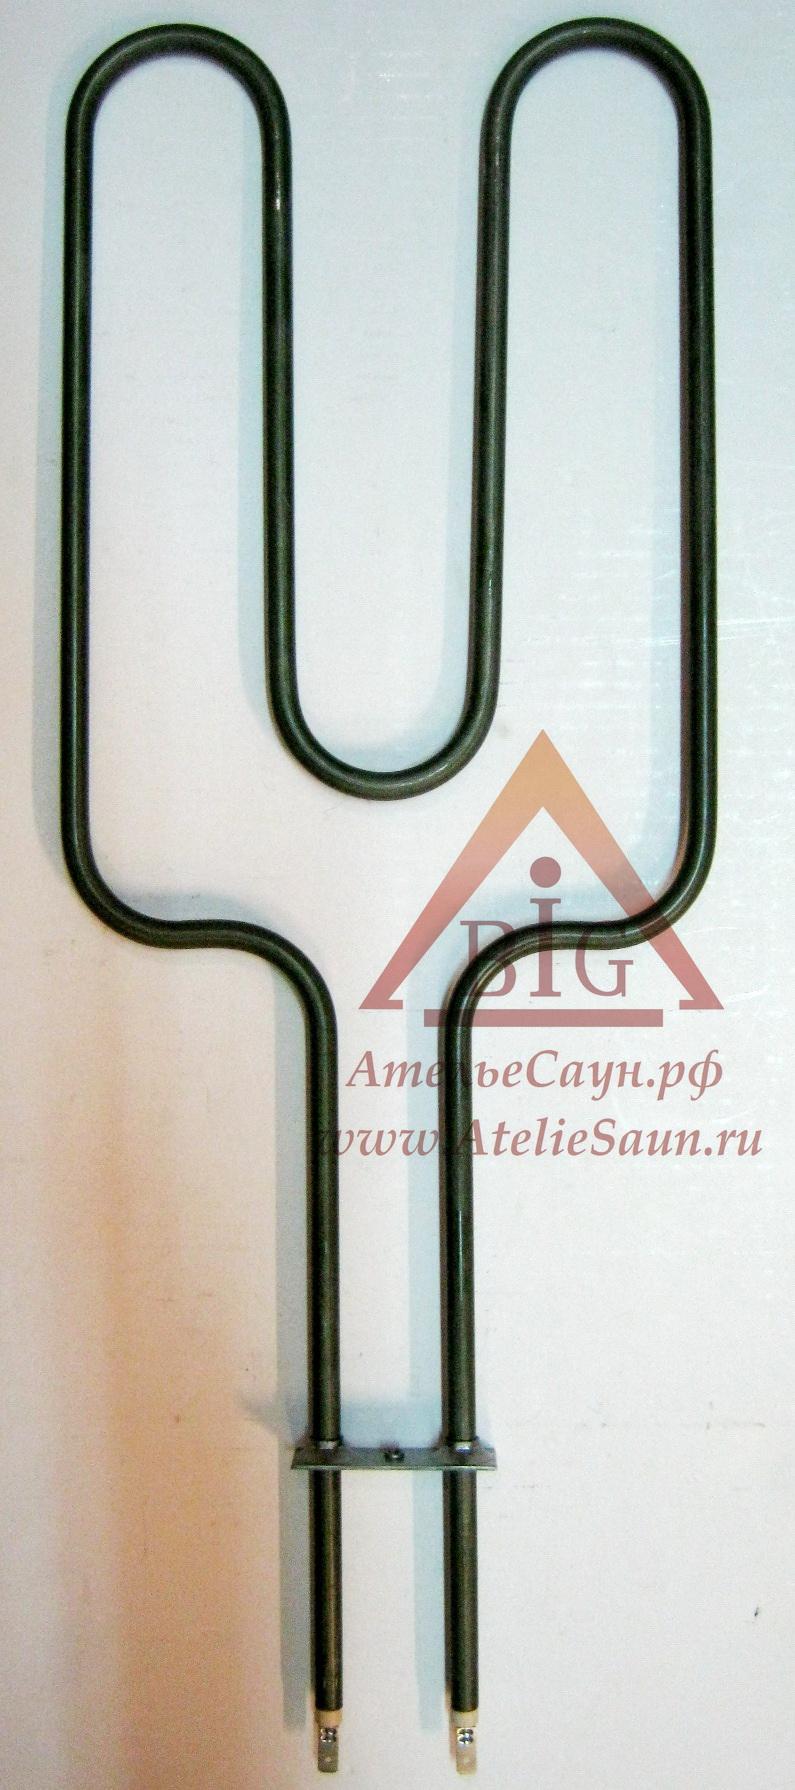 ТЭН Harvia ZSA-420 (250 W, для печей Symphony AV2, AV4, AV6)